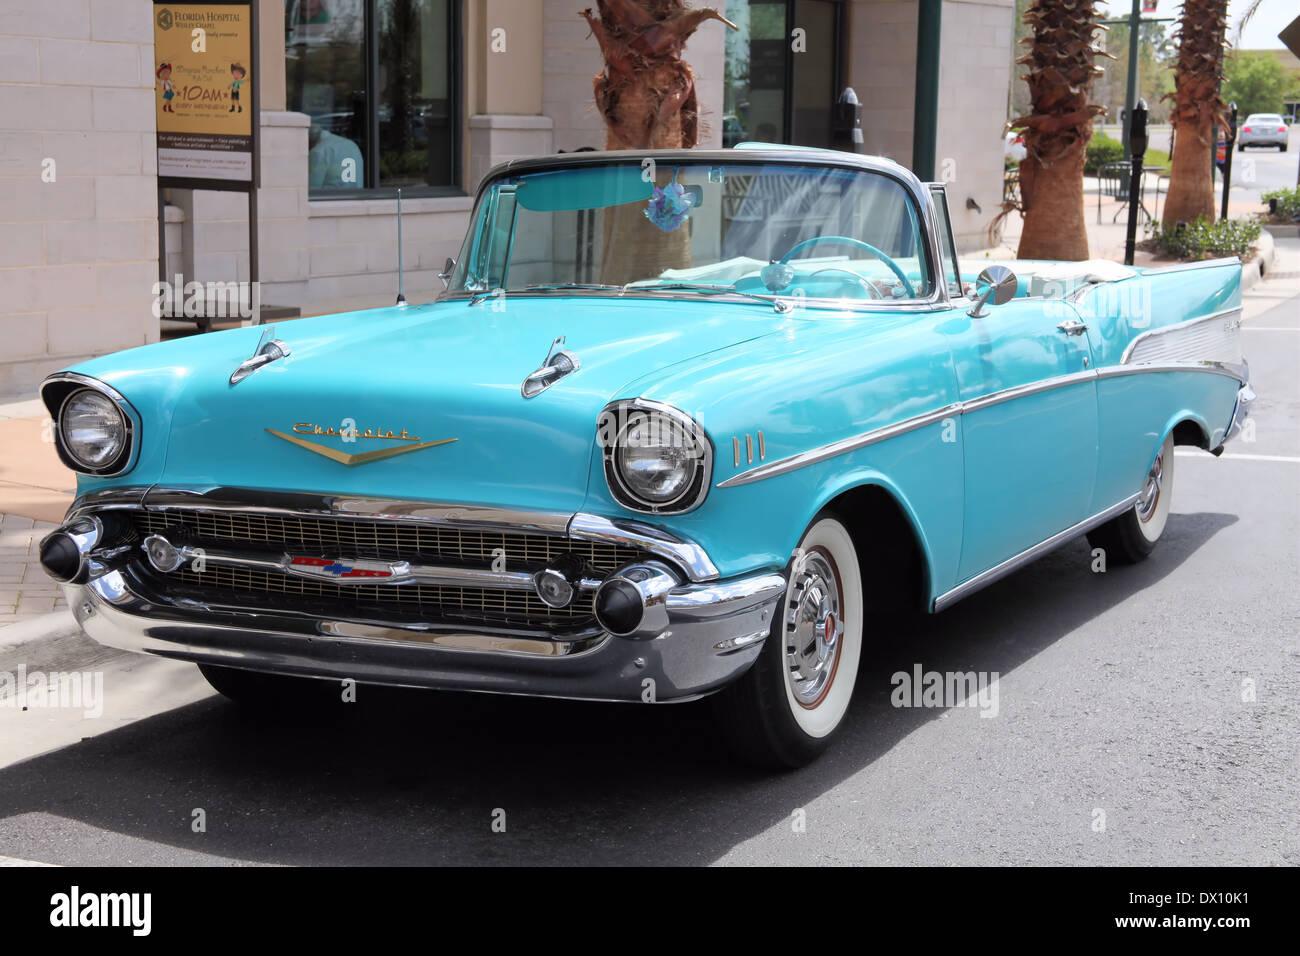 1957 Chevrolet Belair Stock Photos Chevy Bellaire Convertible Image